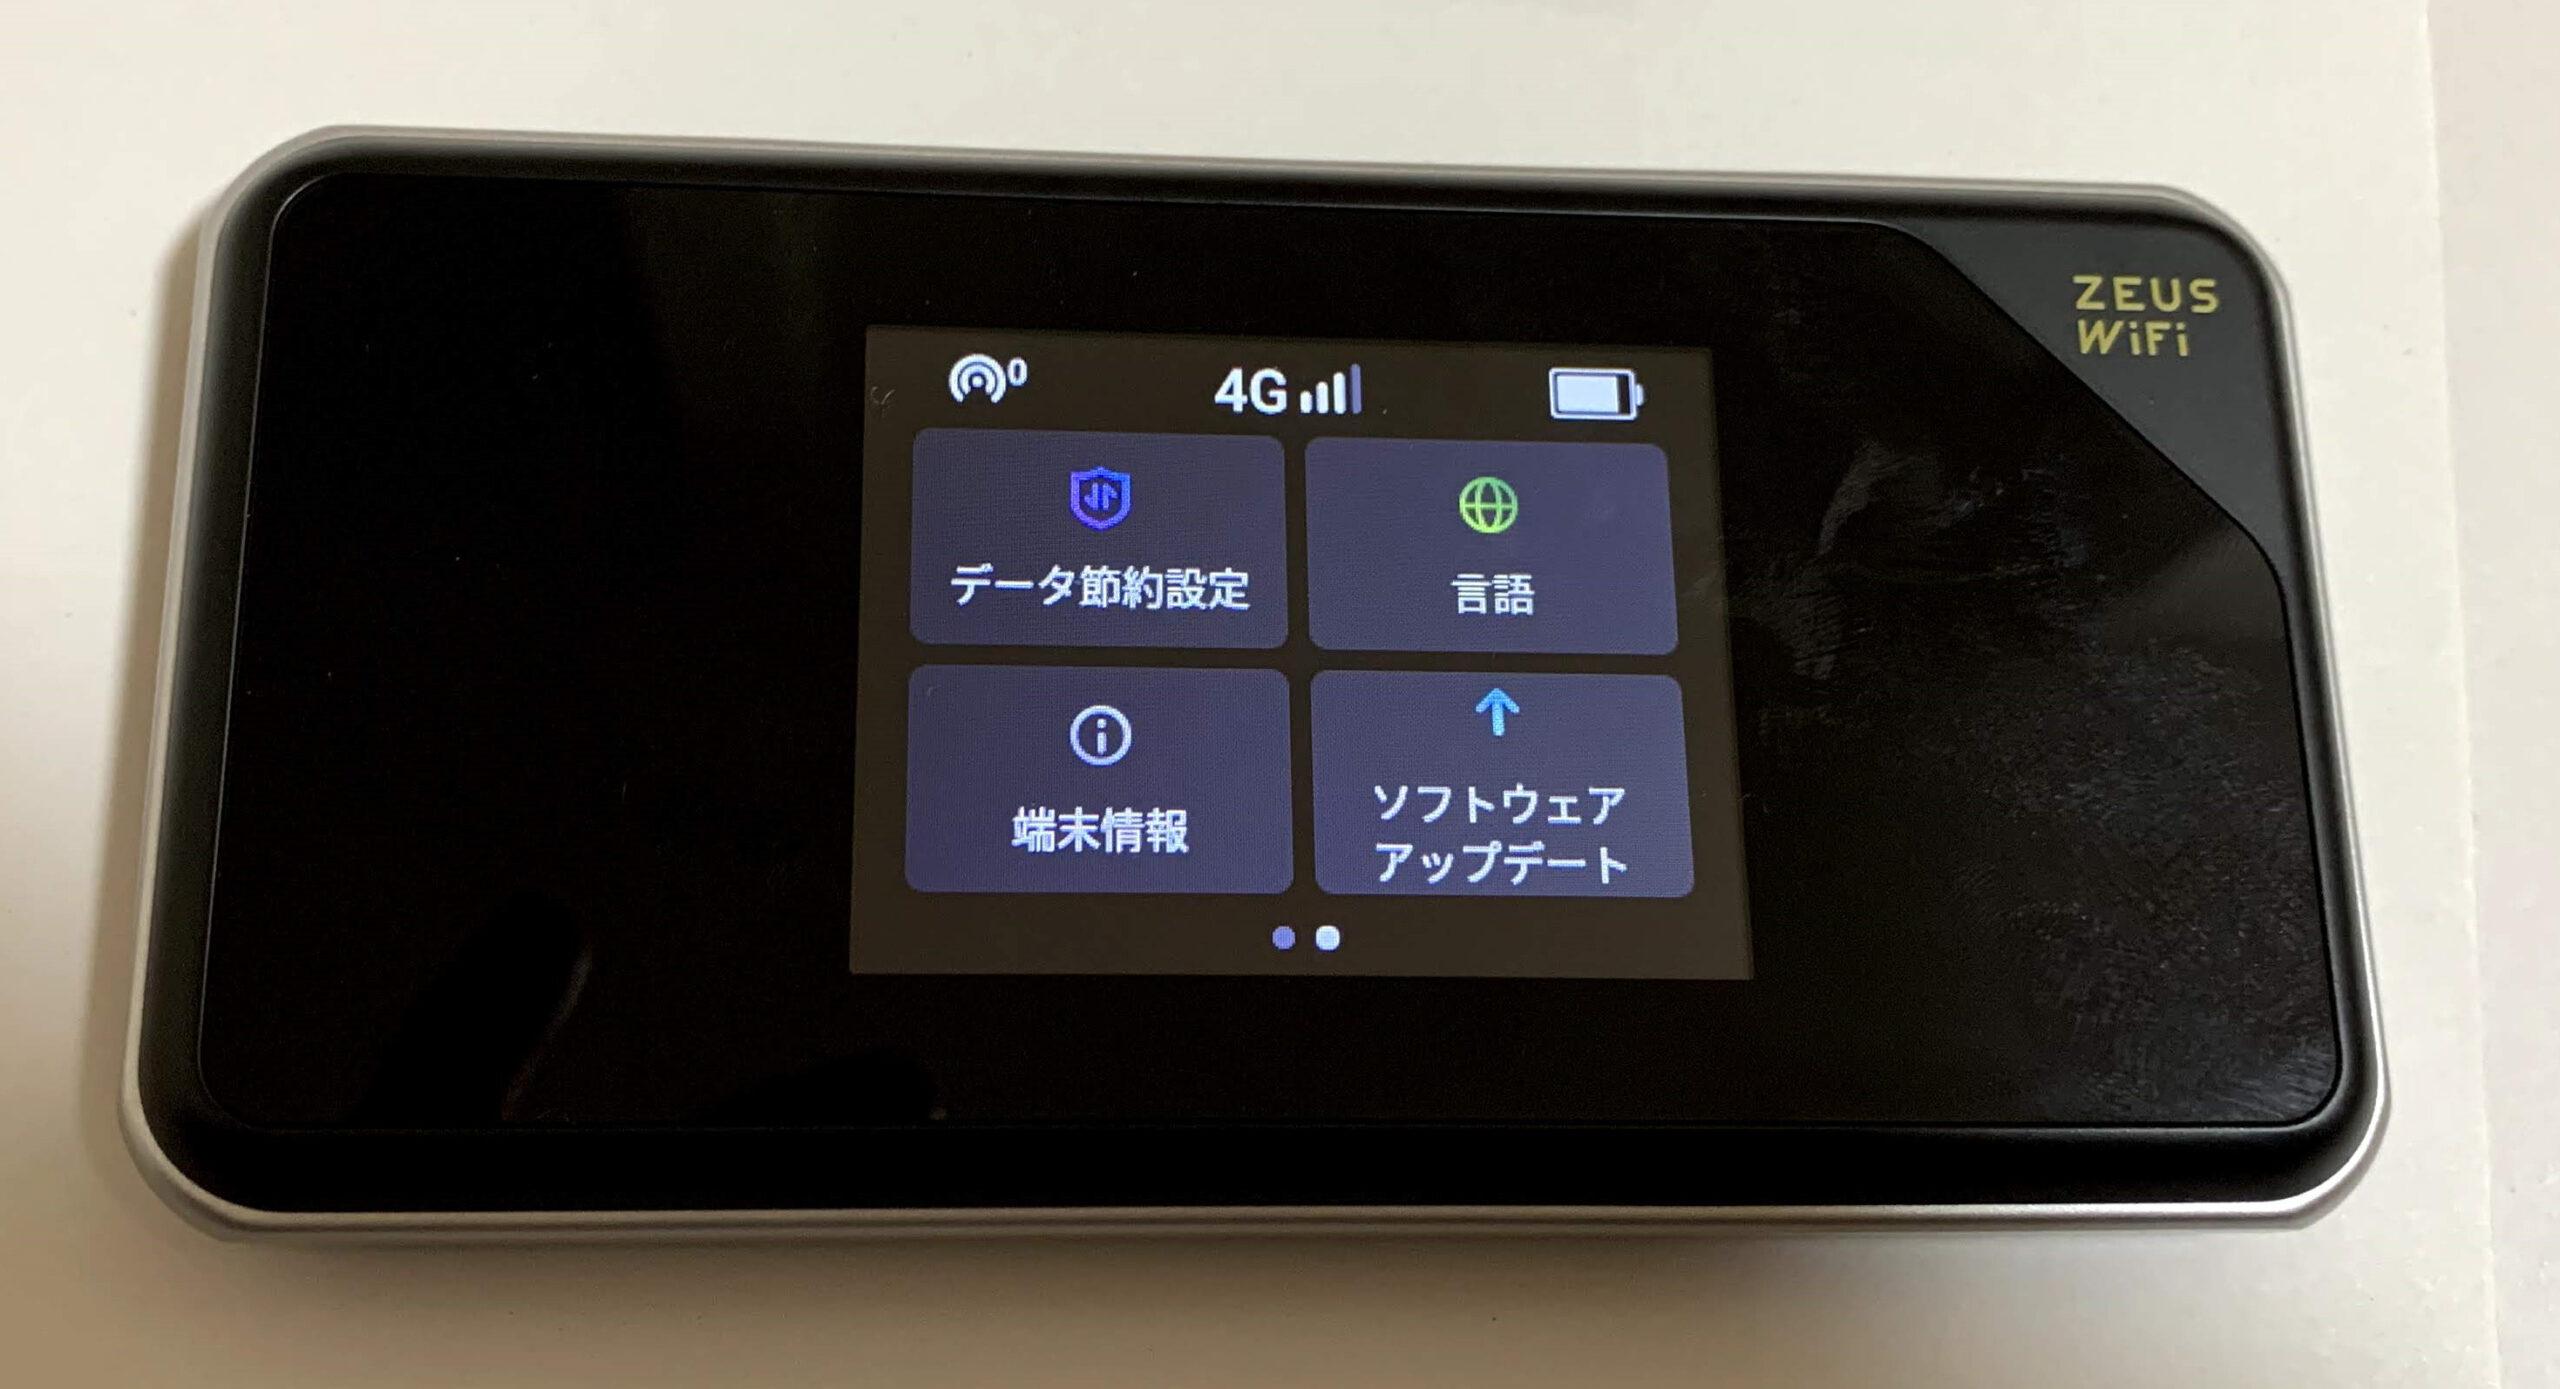 ZEUS WiFi画面②